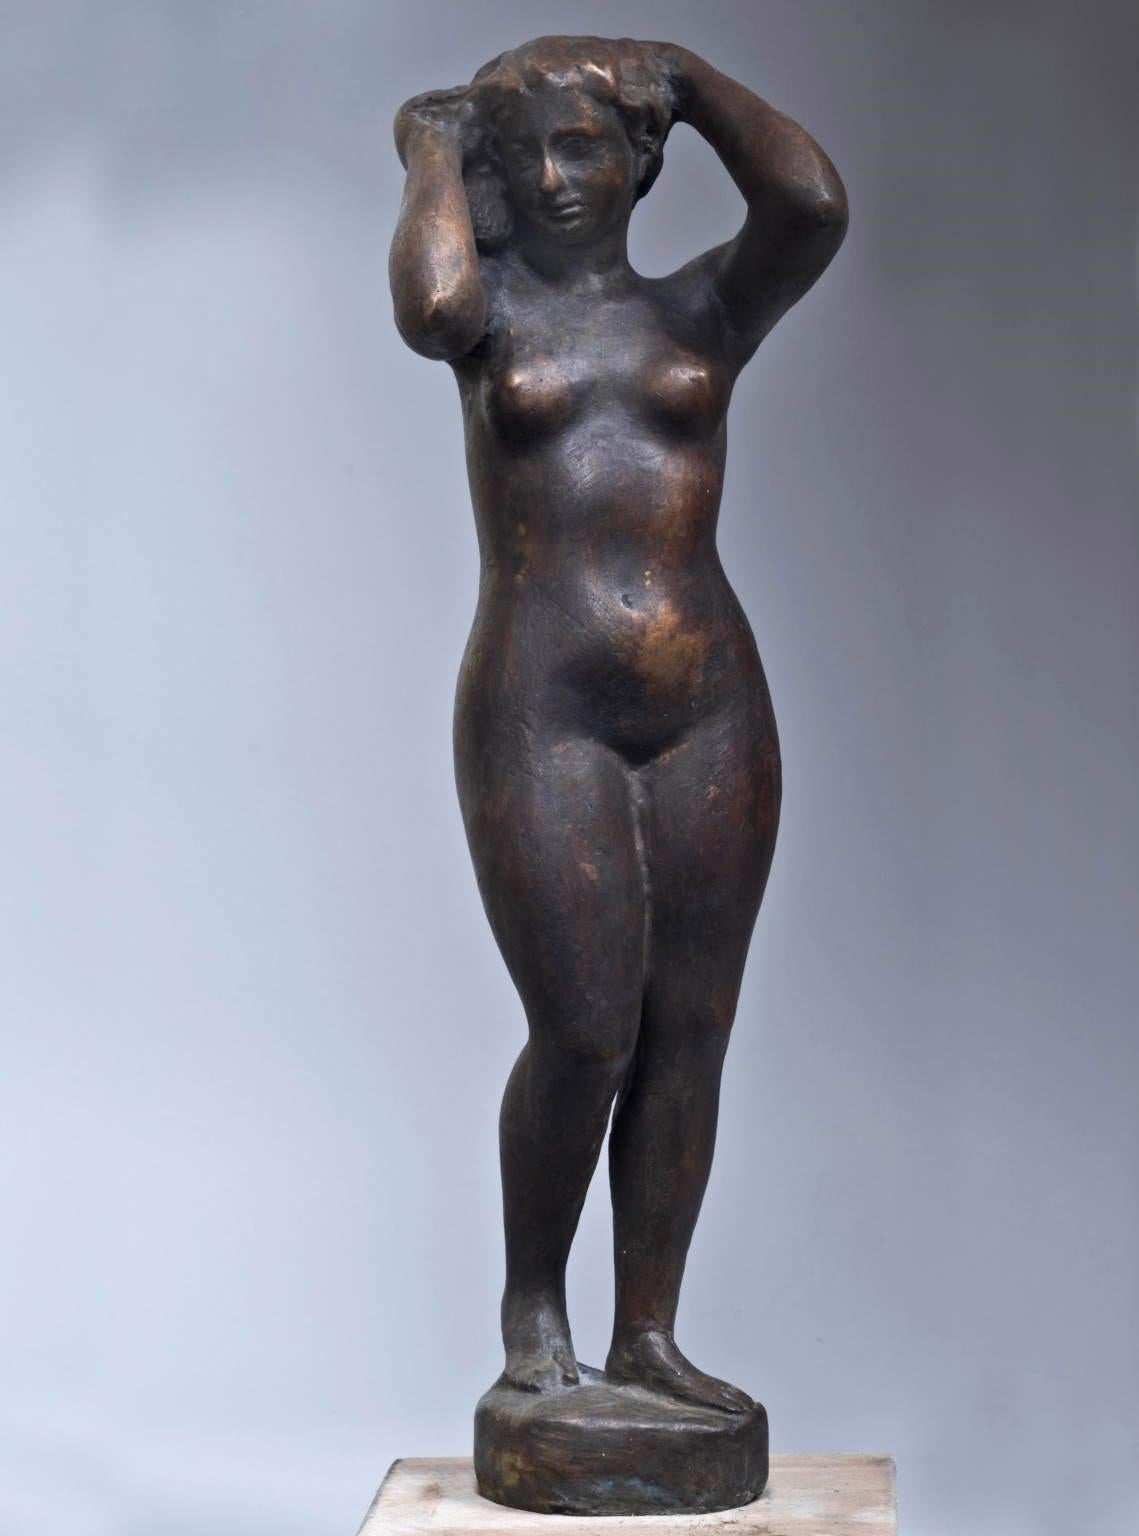 Quinto Martini, Nude, first half 20th century, bronze